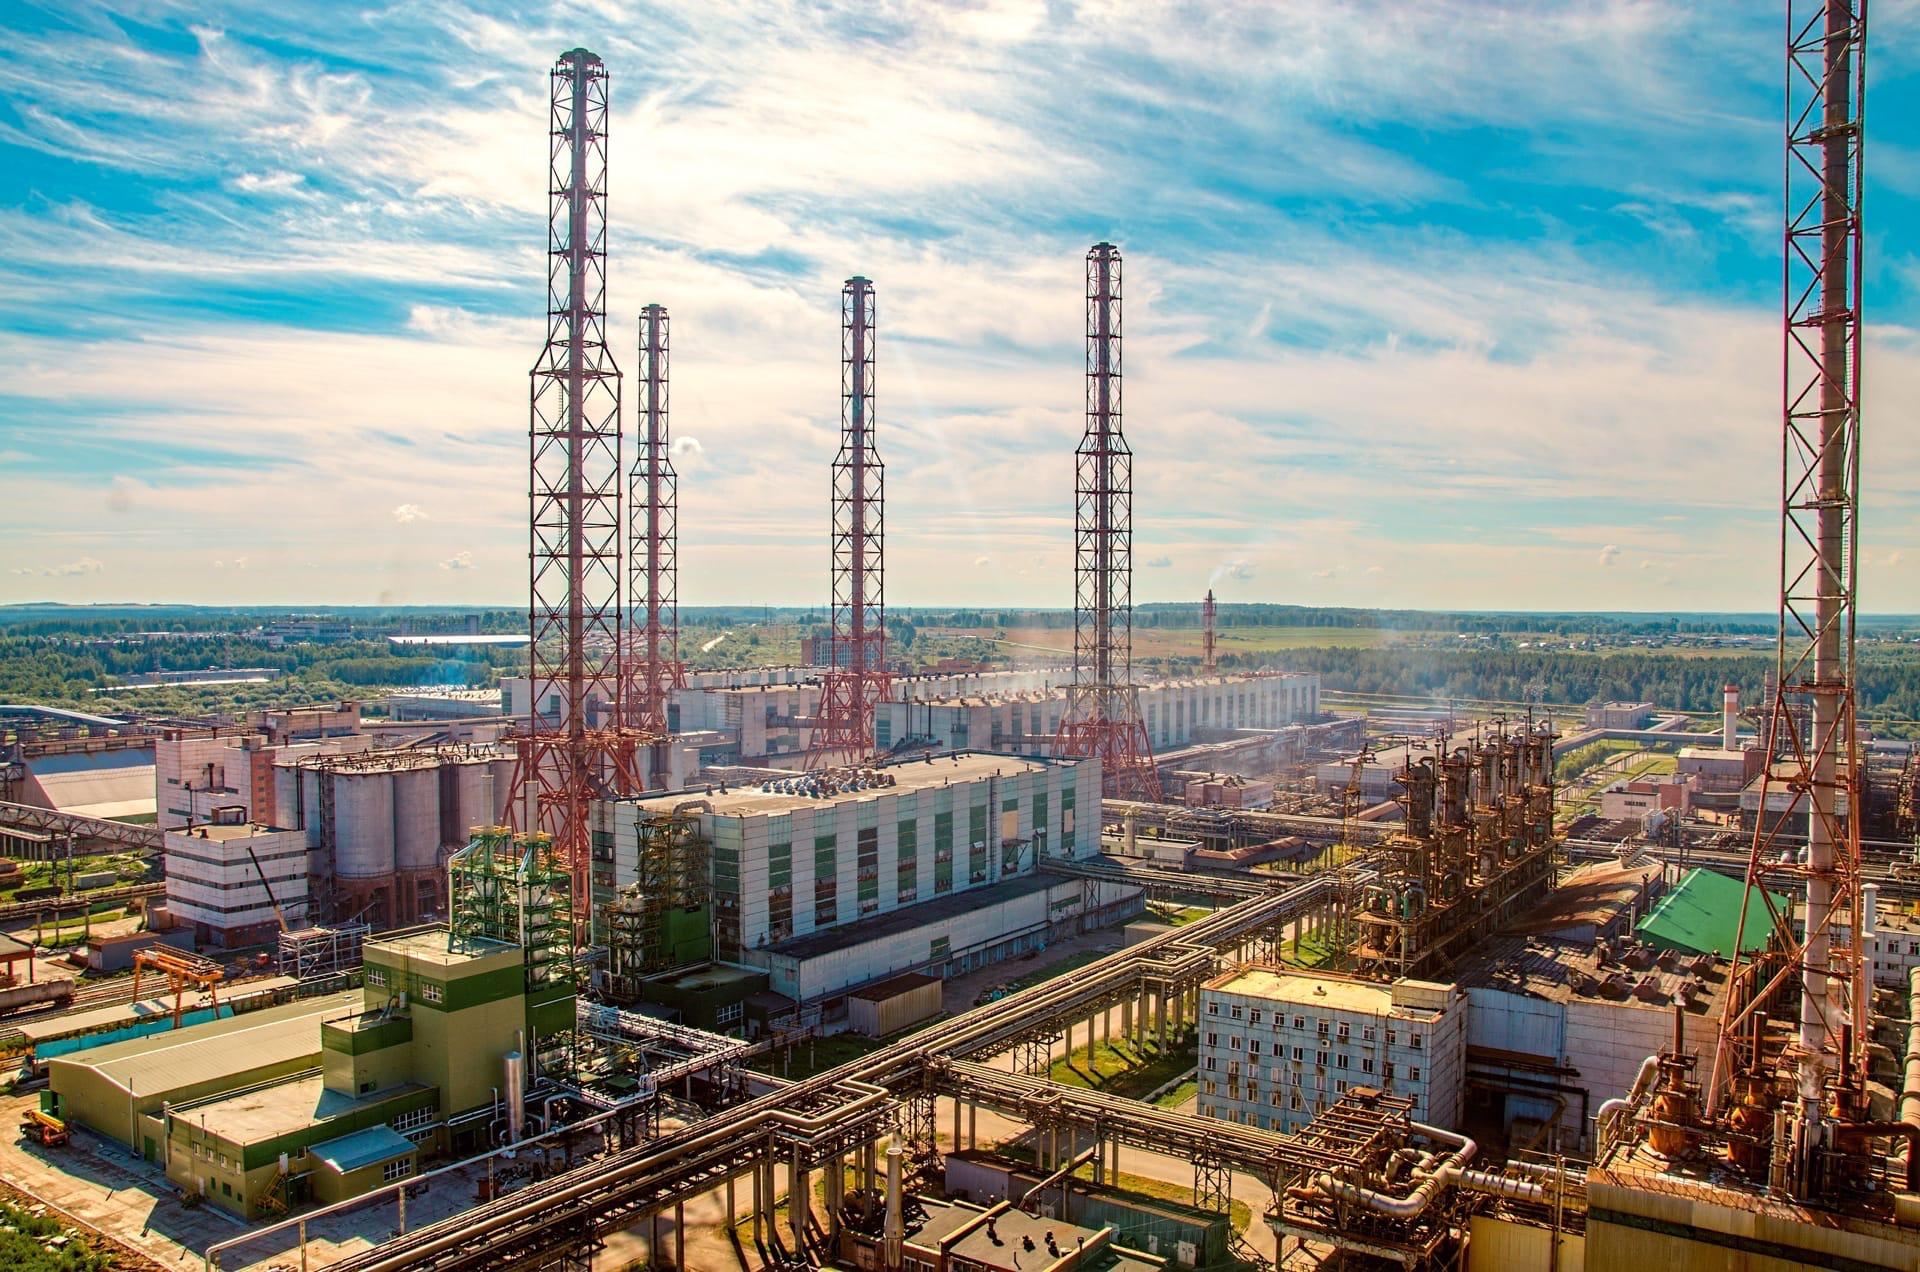 В филиале «КЧХК» реализован проект стоимостью более 50 млн рублей для улучшения качества продукции